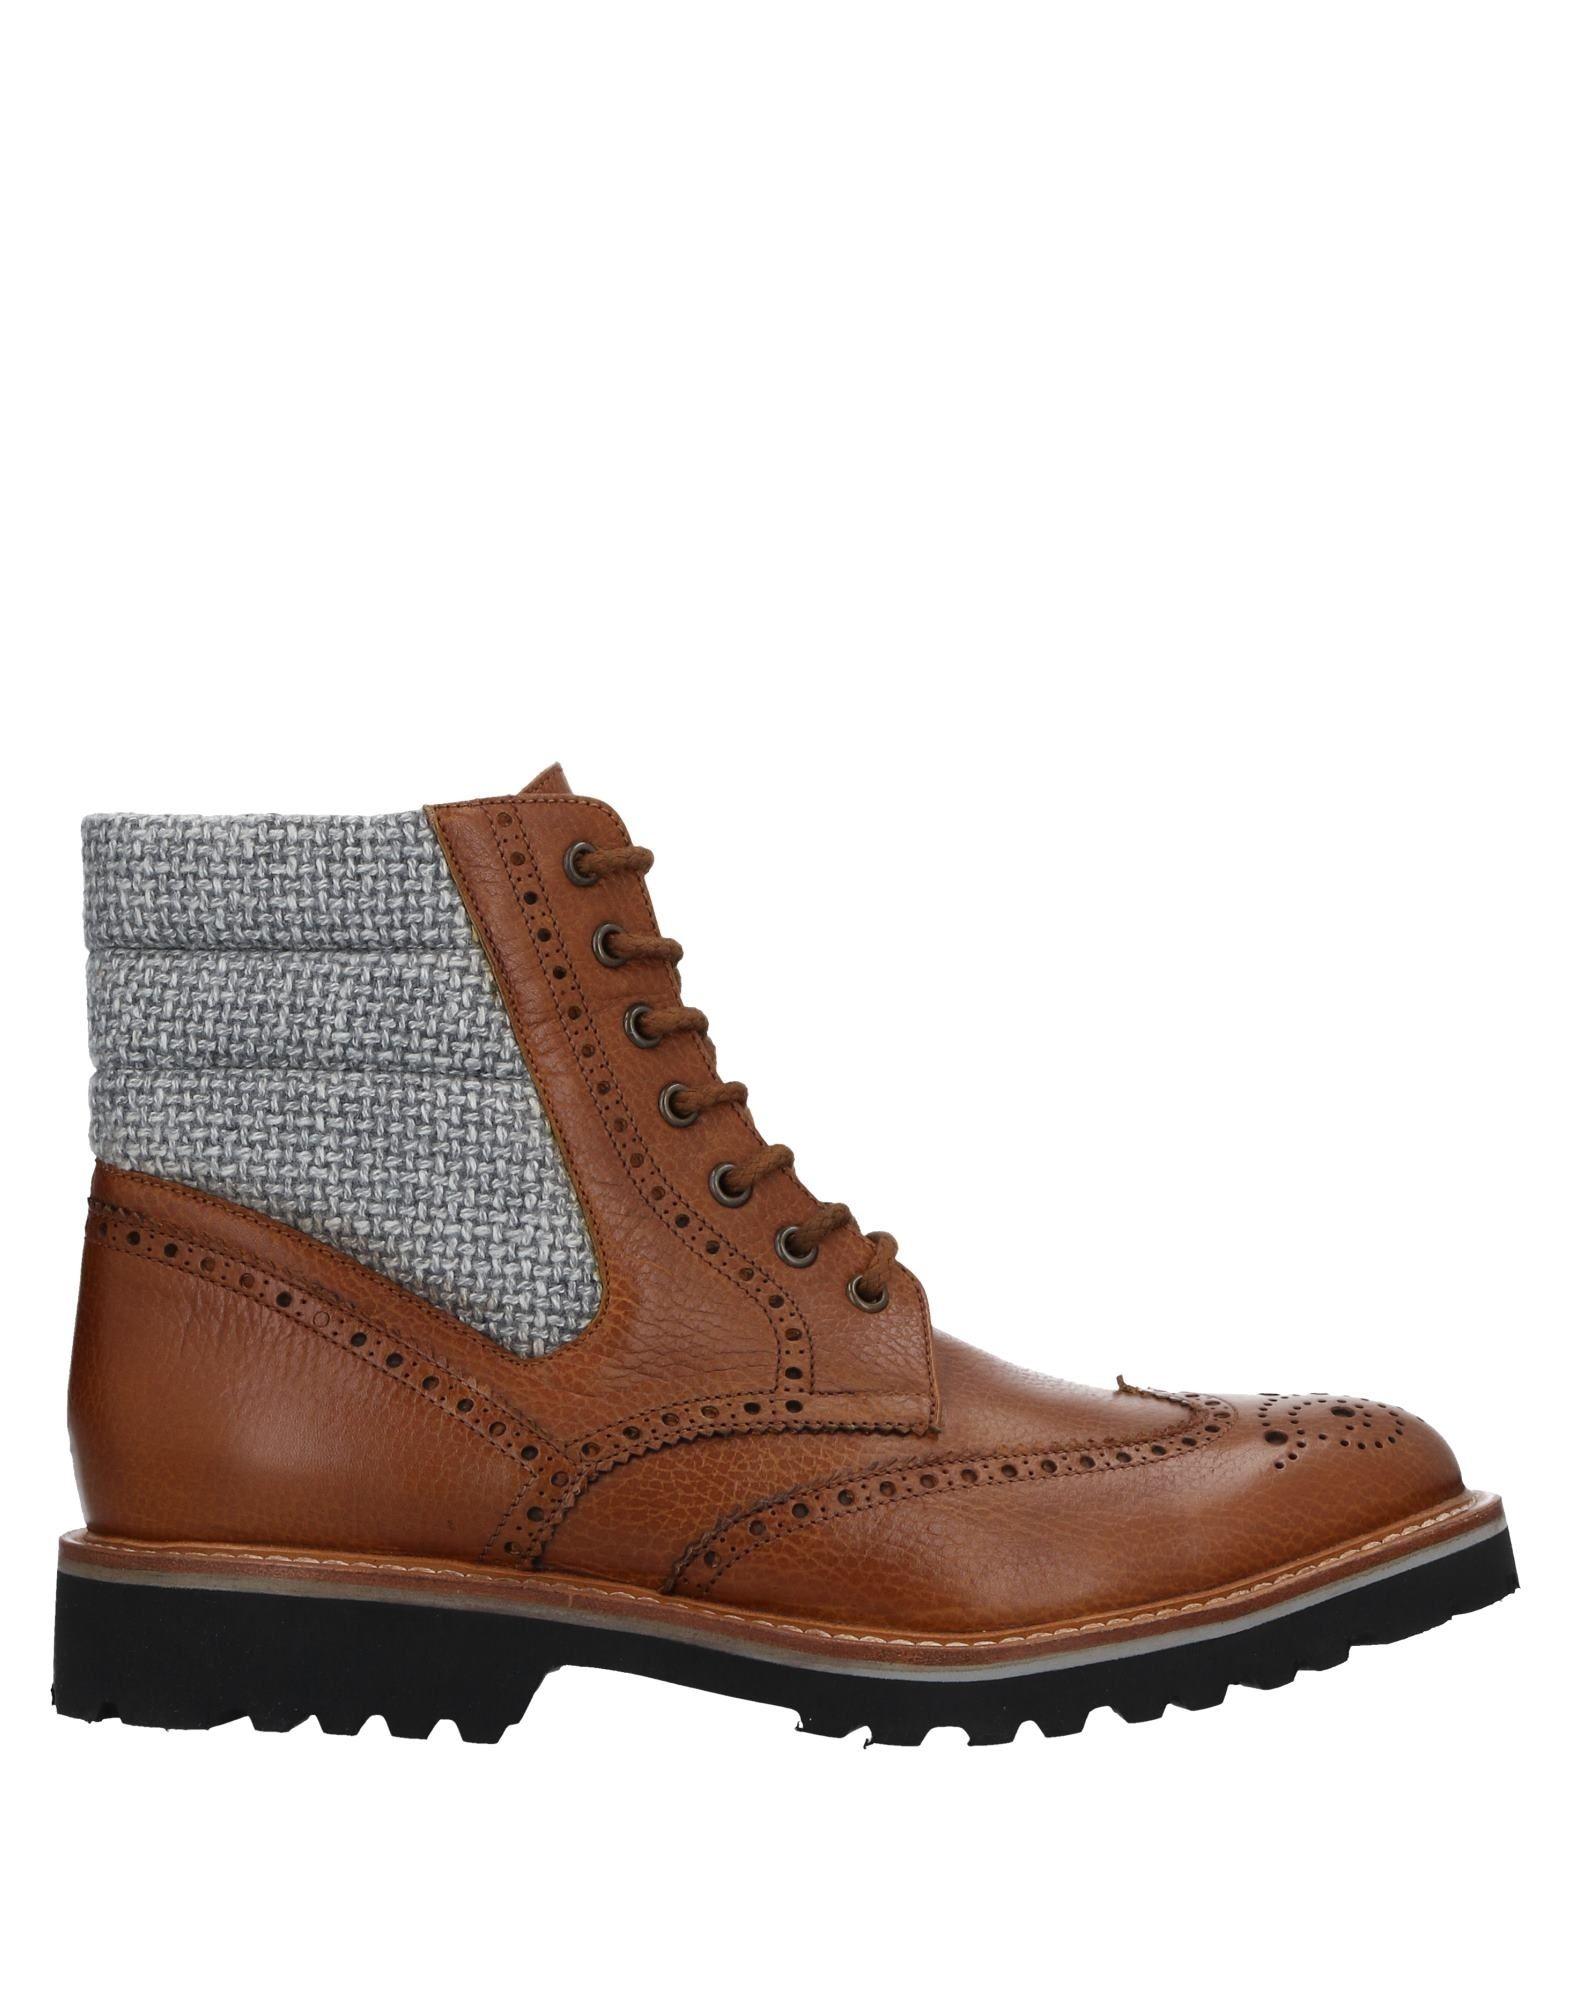 Sartorio Stiefelette Herren  11533991UO Gute Qualität beliebte Schuhe